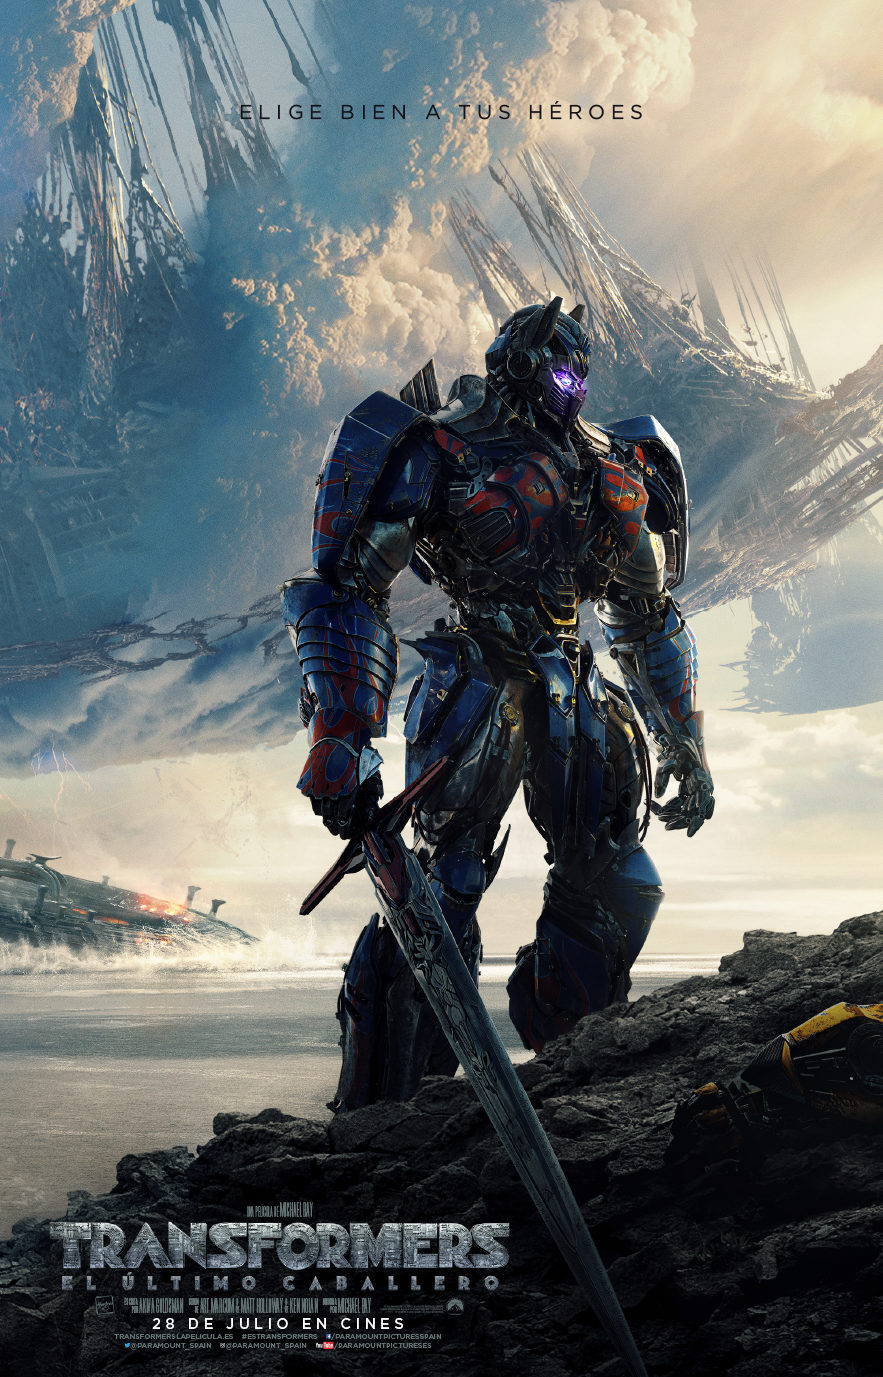 Cartel Póster en castellano de Transformers: El Último Caballero de 'Transformers: El último caballero'